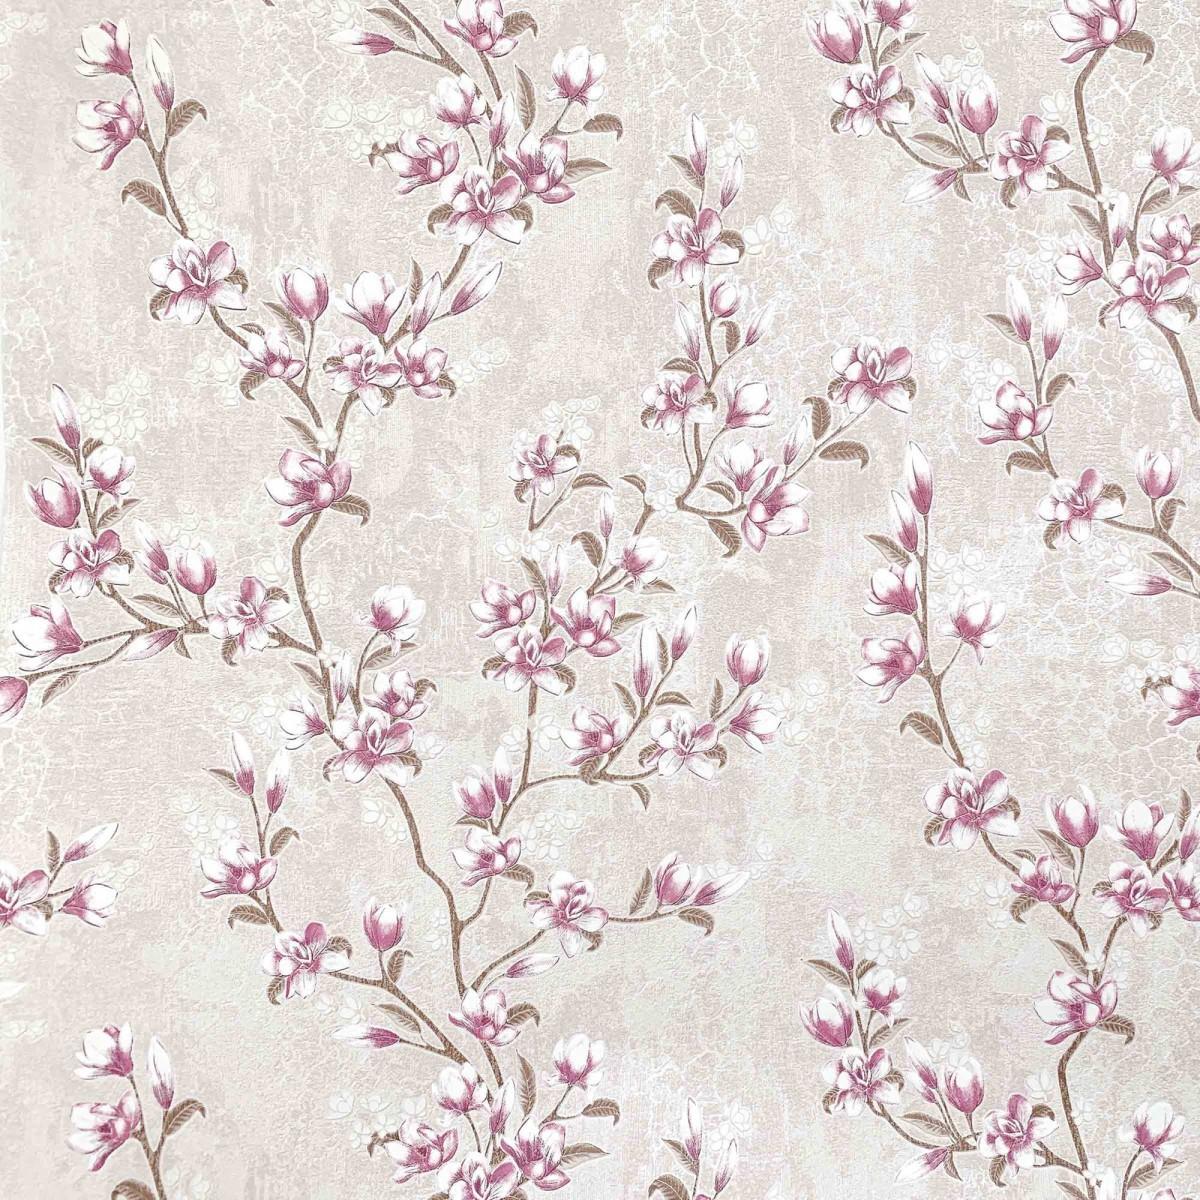 Декоративные обои Индустрия Magnolia бежевые 1.06 м 167087-94